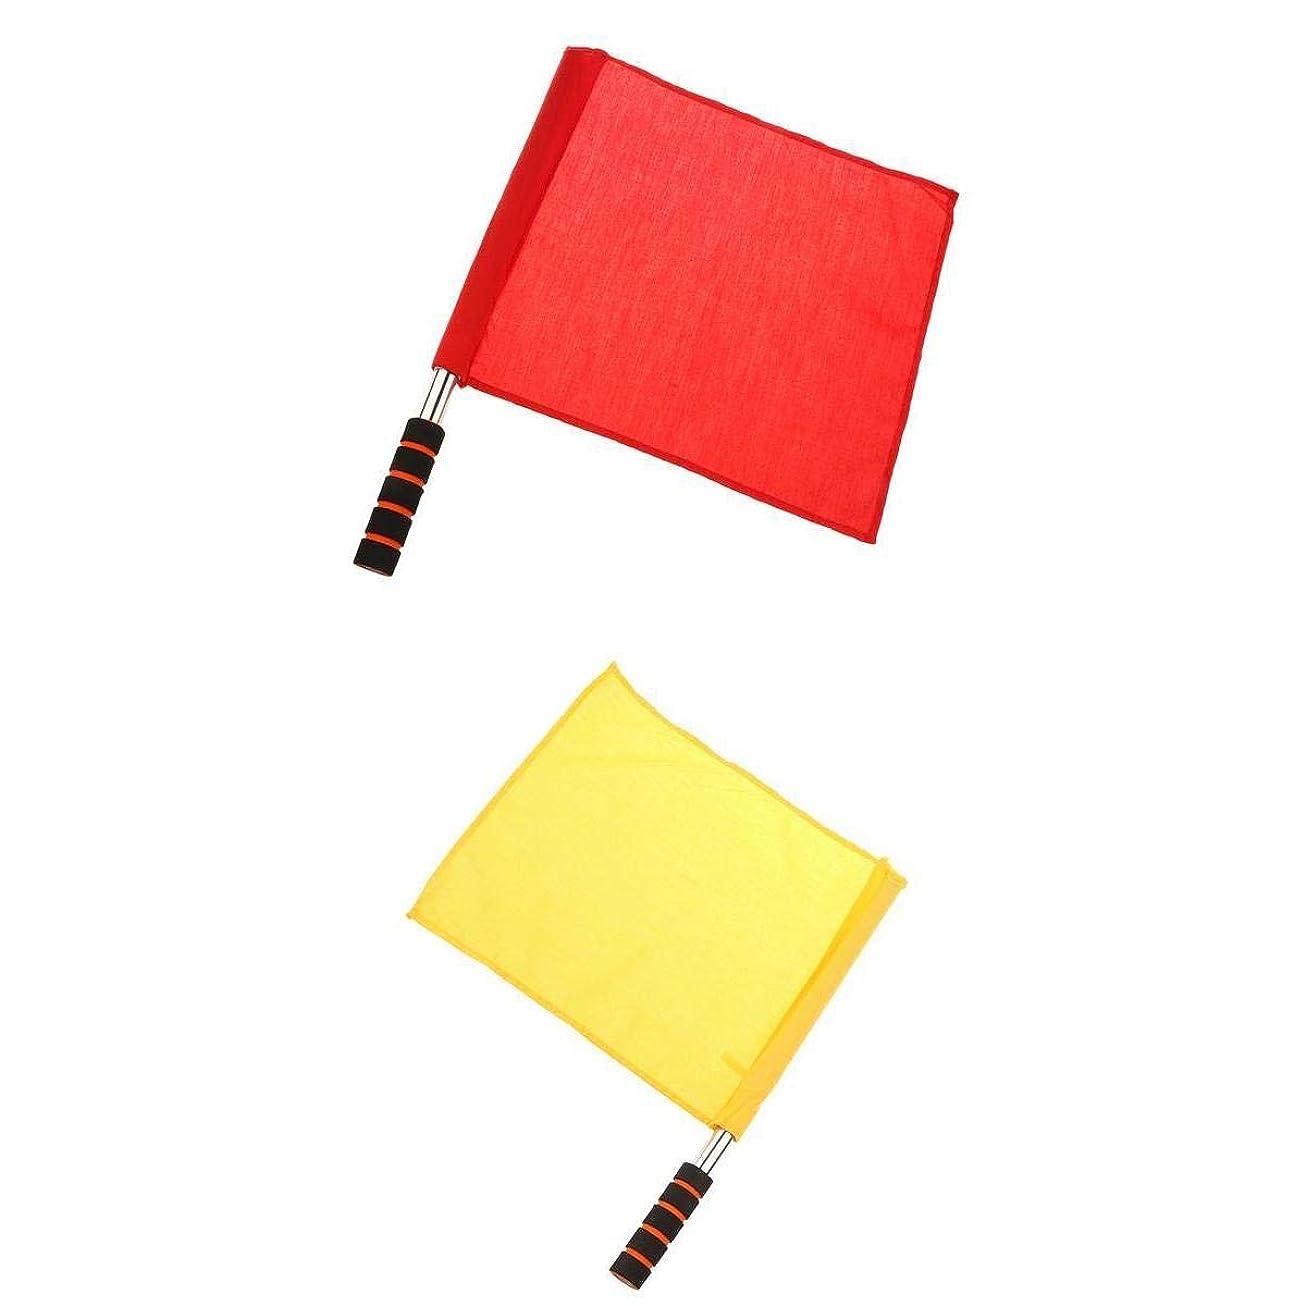 砦マスタード悔い改めるSharplace サッカー旗 審判旗 サッカーフラッグ 競技 試合旗 サッカー旗サッカー 赤 黄 37×32.7 cm 2個セット